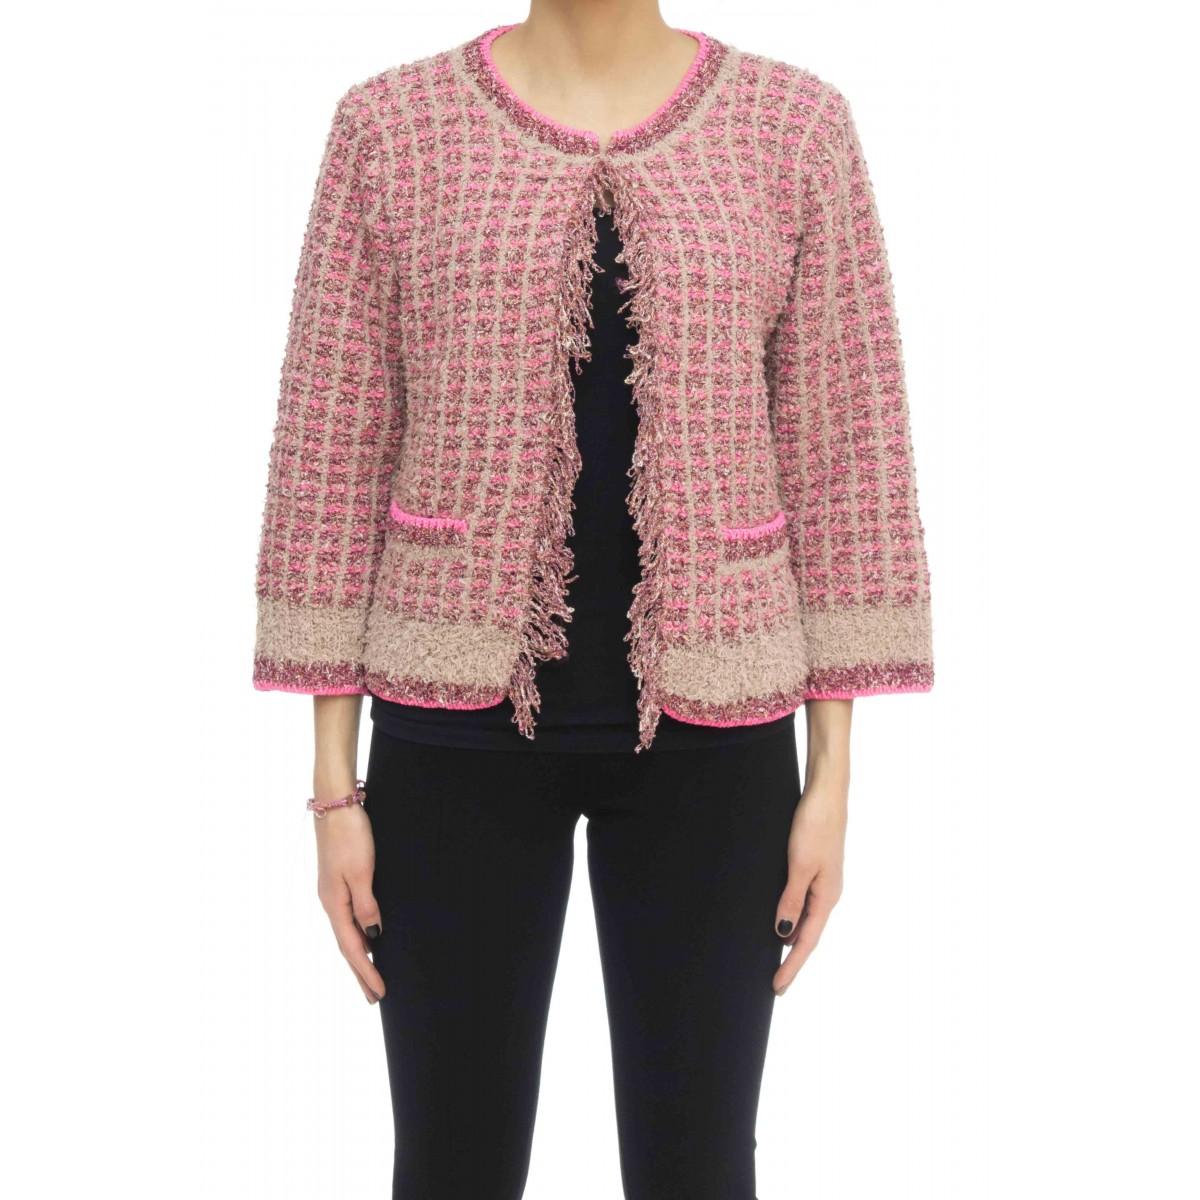 Maglia donna - 3320 giacca coreana